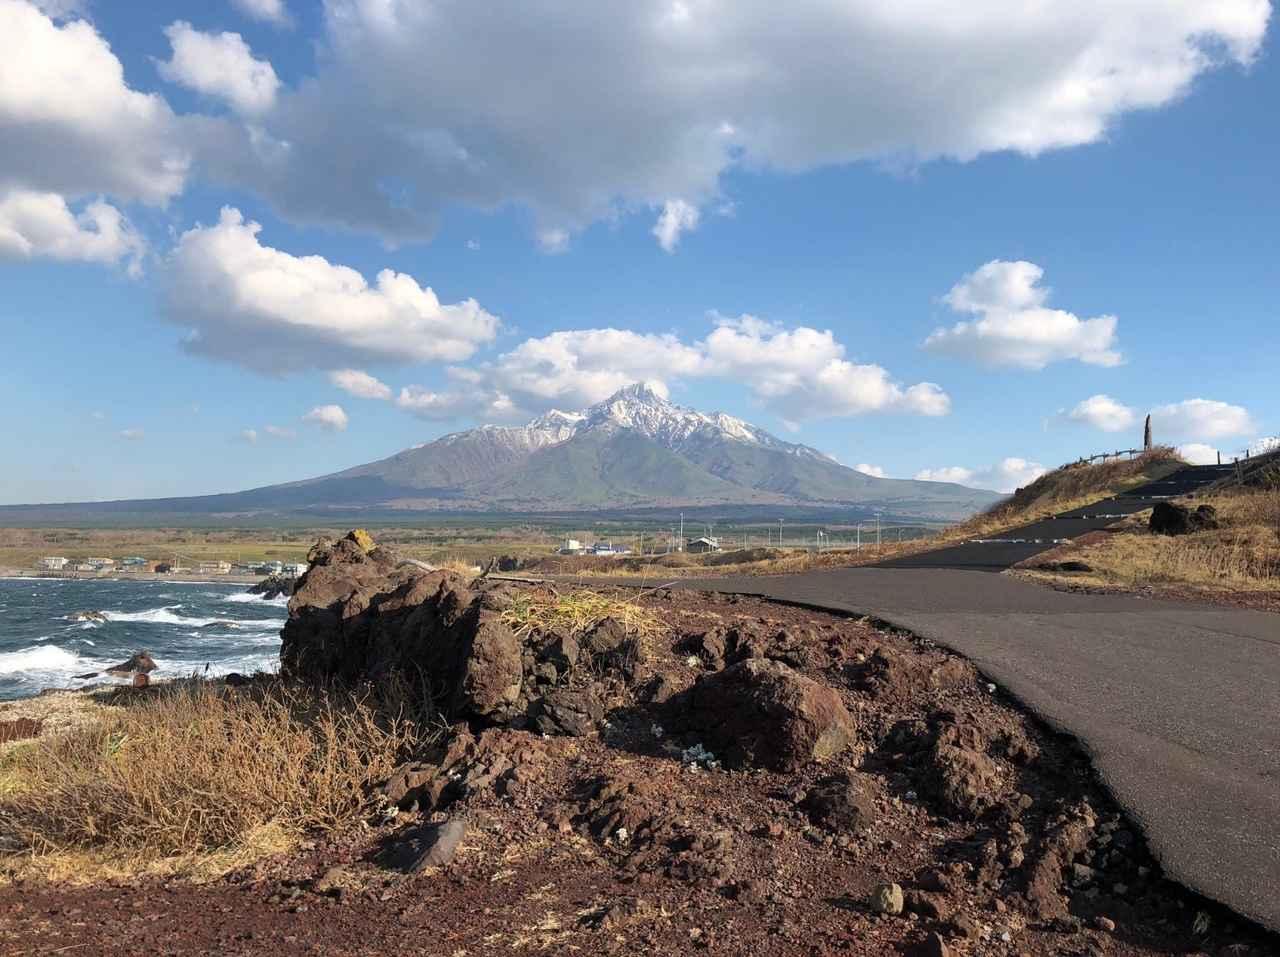 画像: 海抜0mから標高1,721mの利尻山山頂まで望むことができる、利尻島・仙法志岬公園